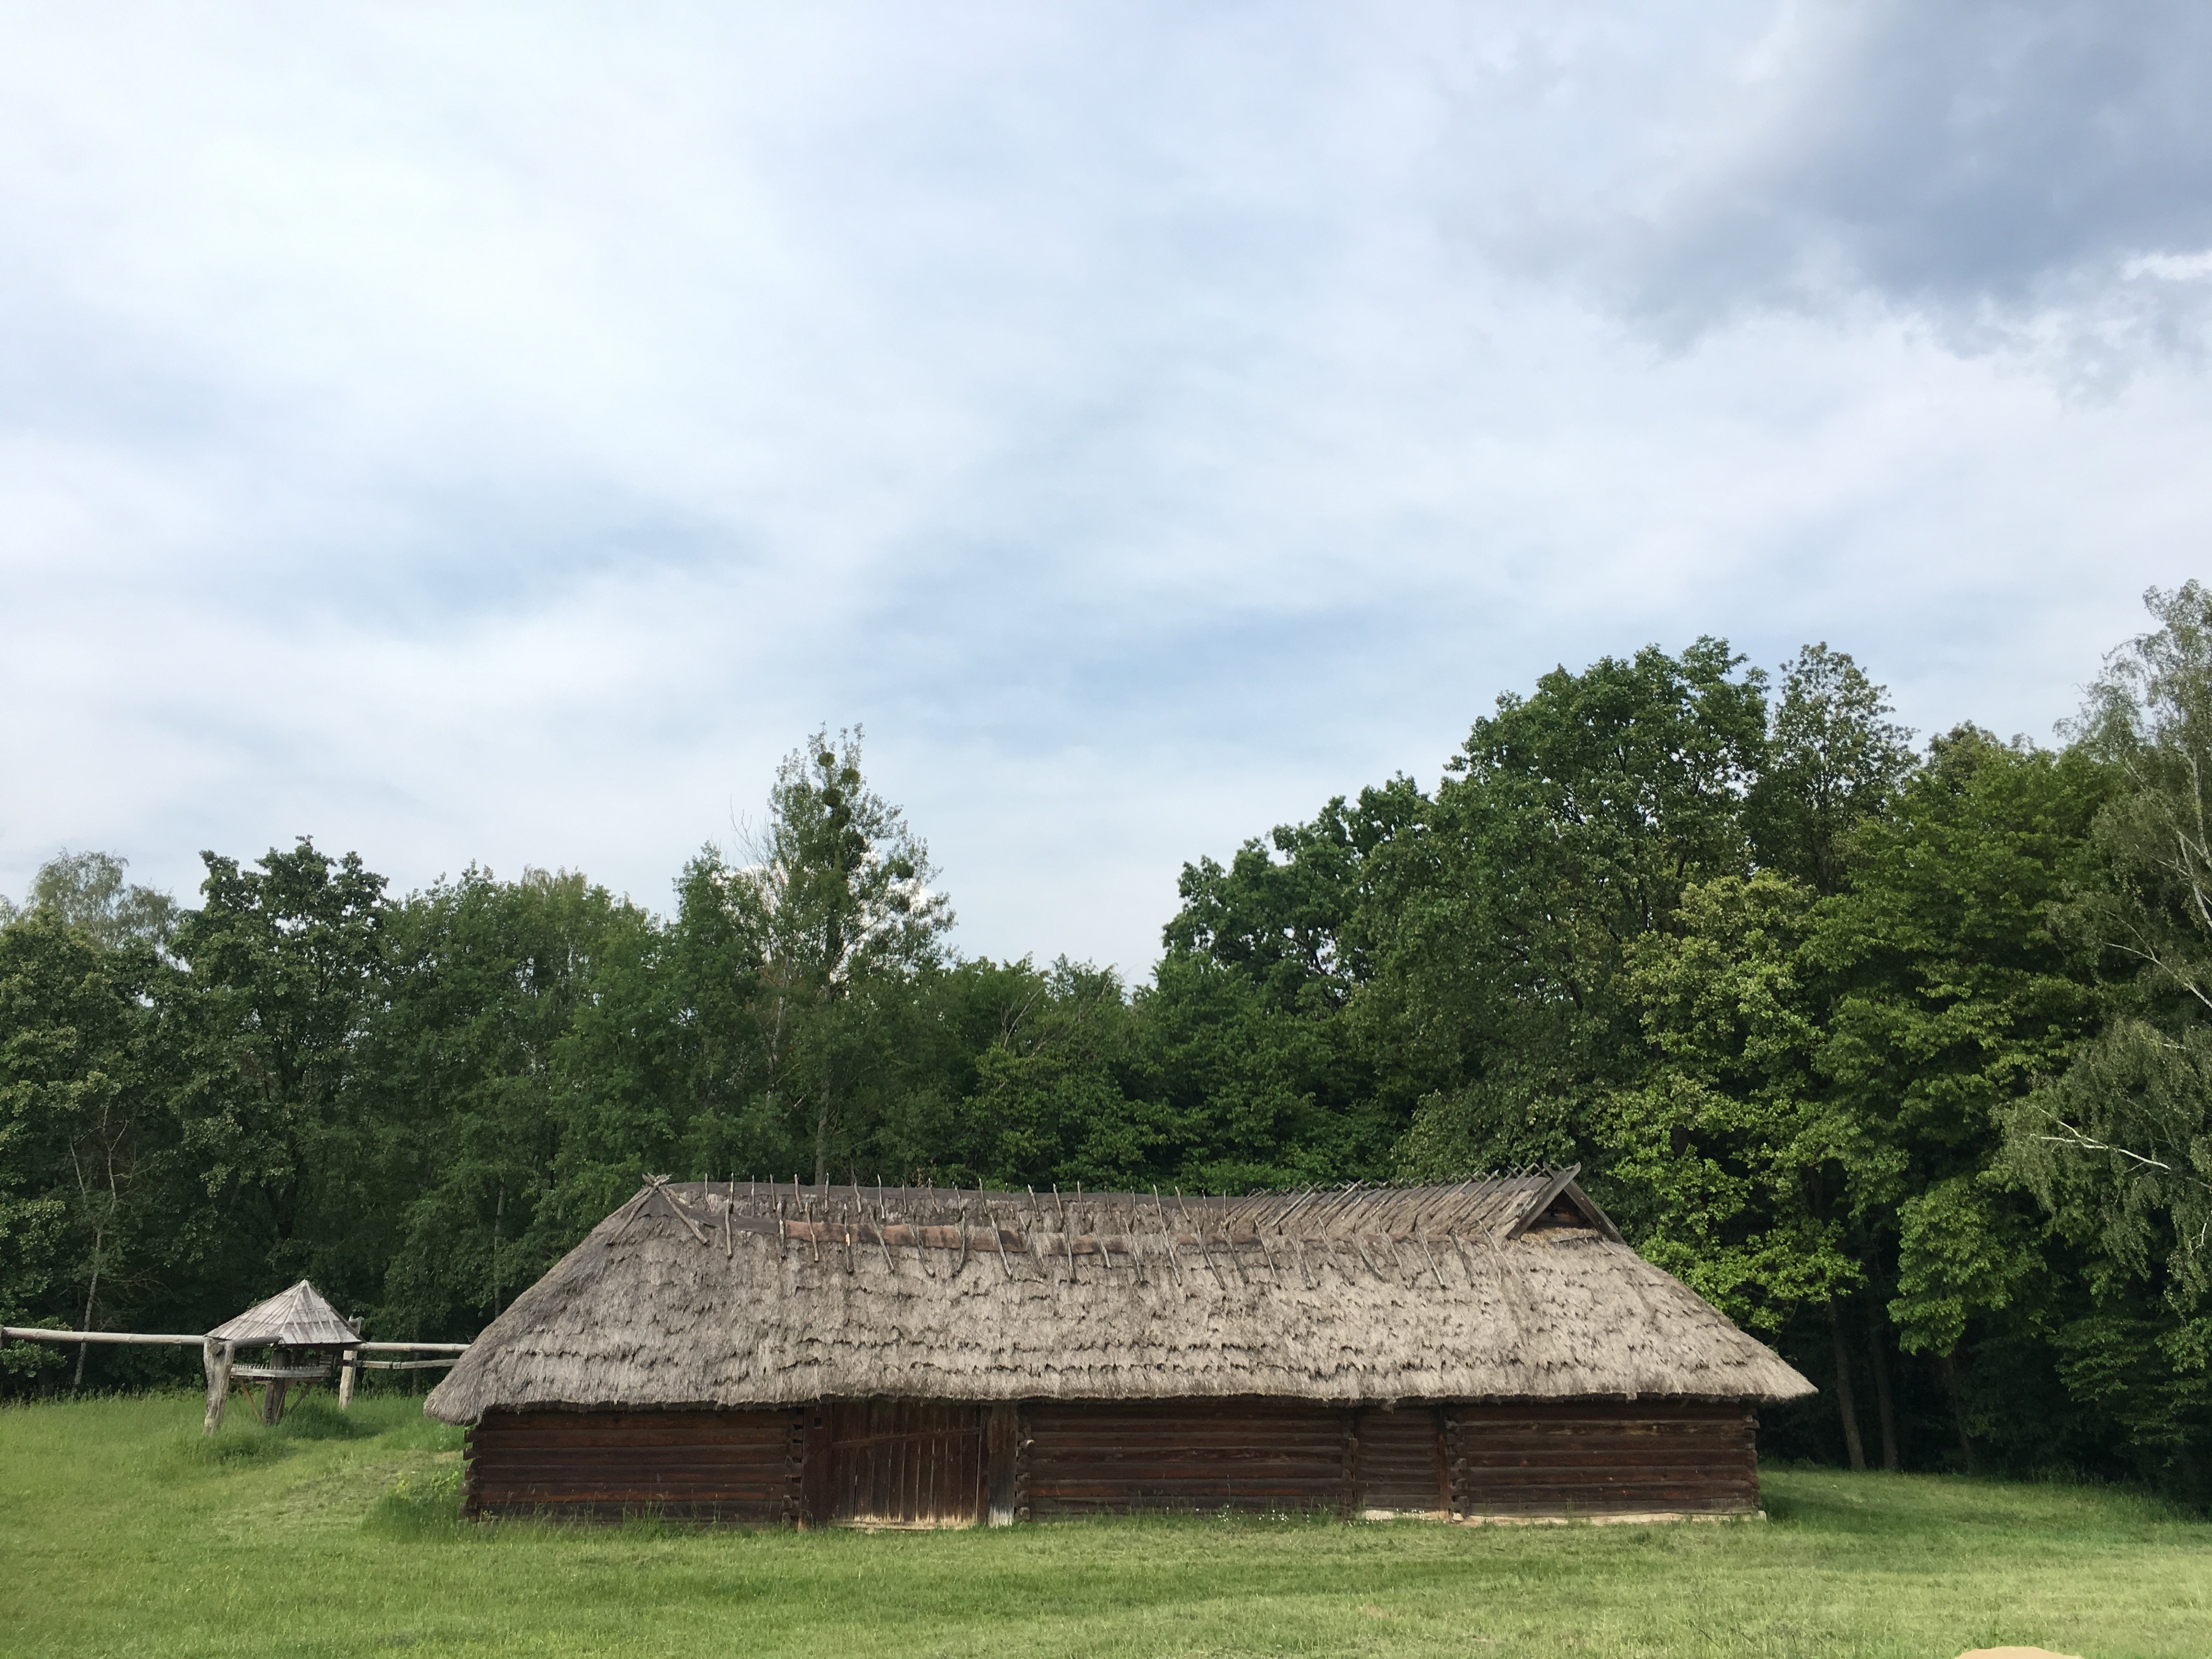 Das älteste Gebäude des Museums, ein ukrainischer Vierseithof eines Wehrbauern aus dem 16. Jahrhundert